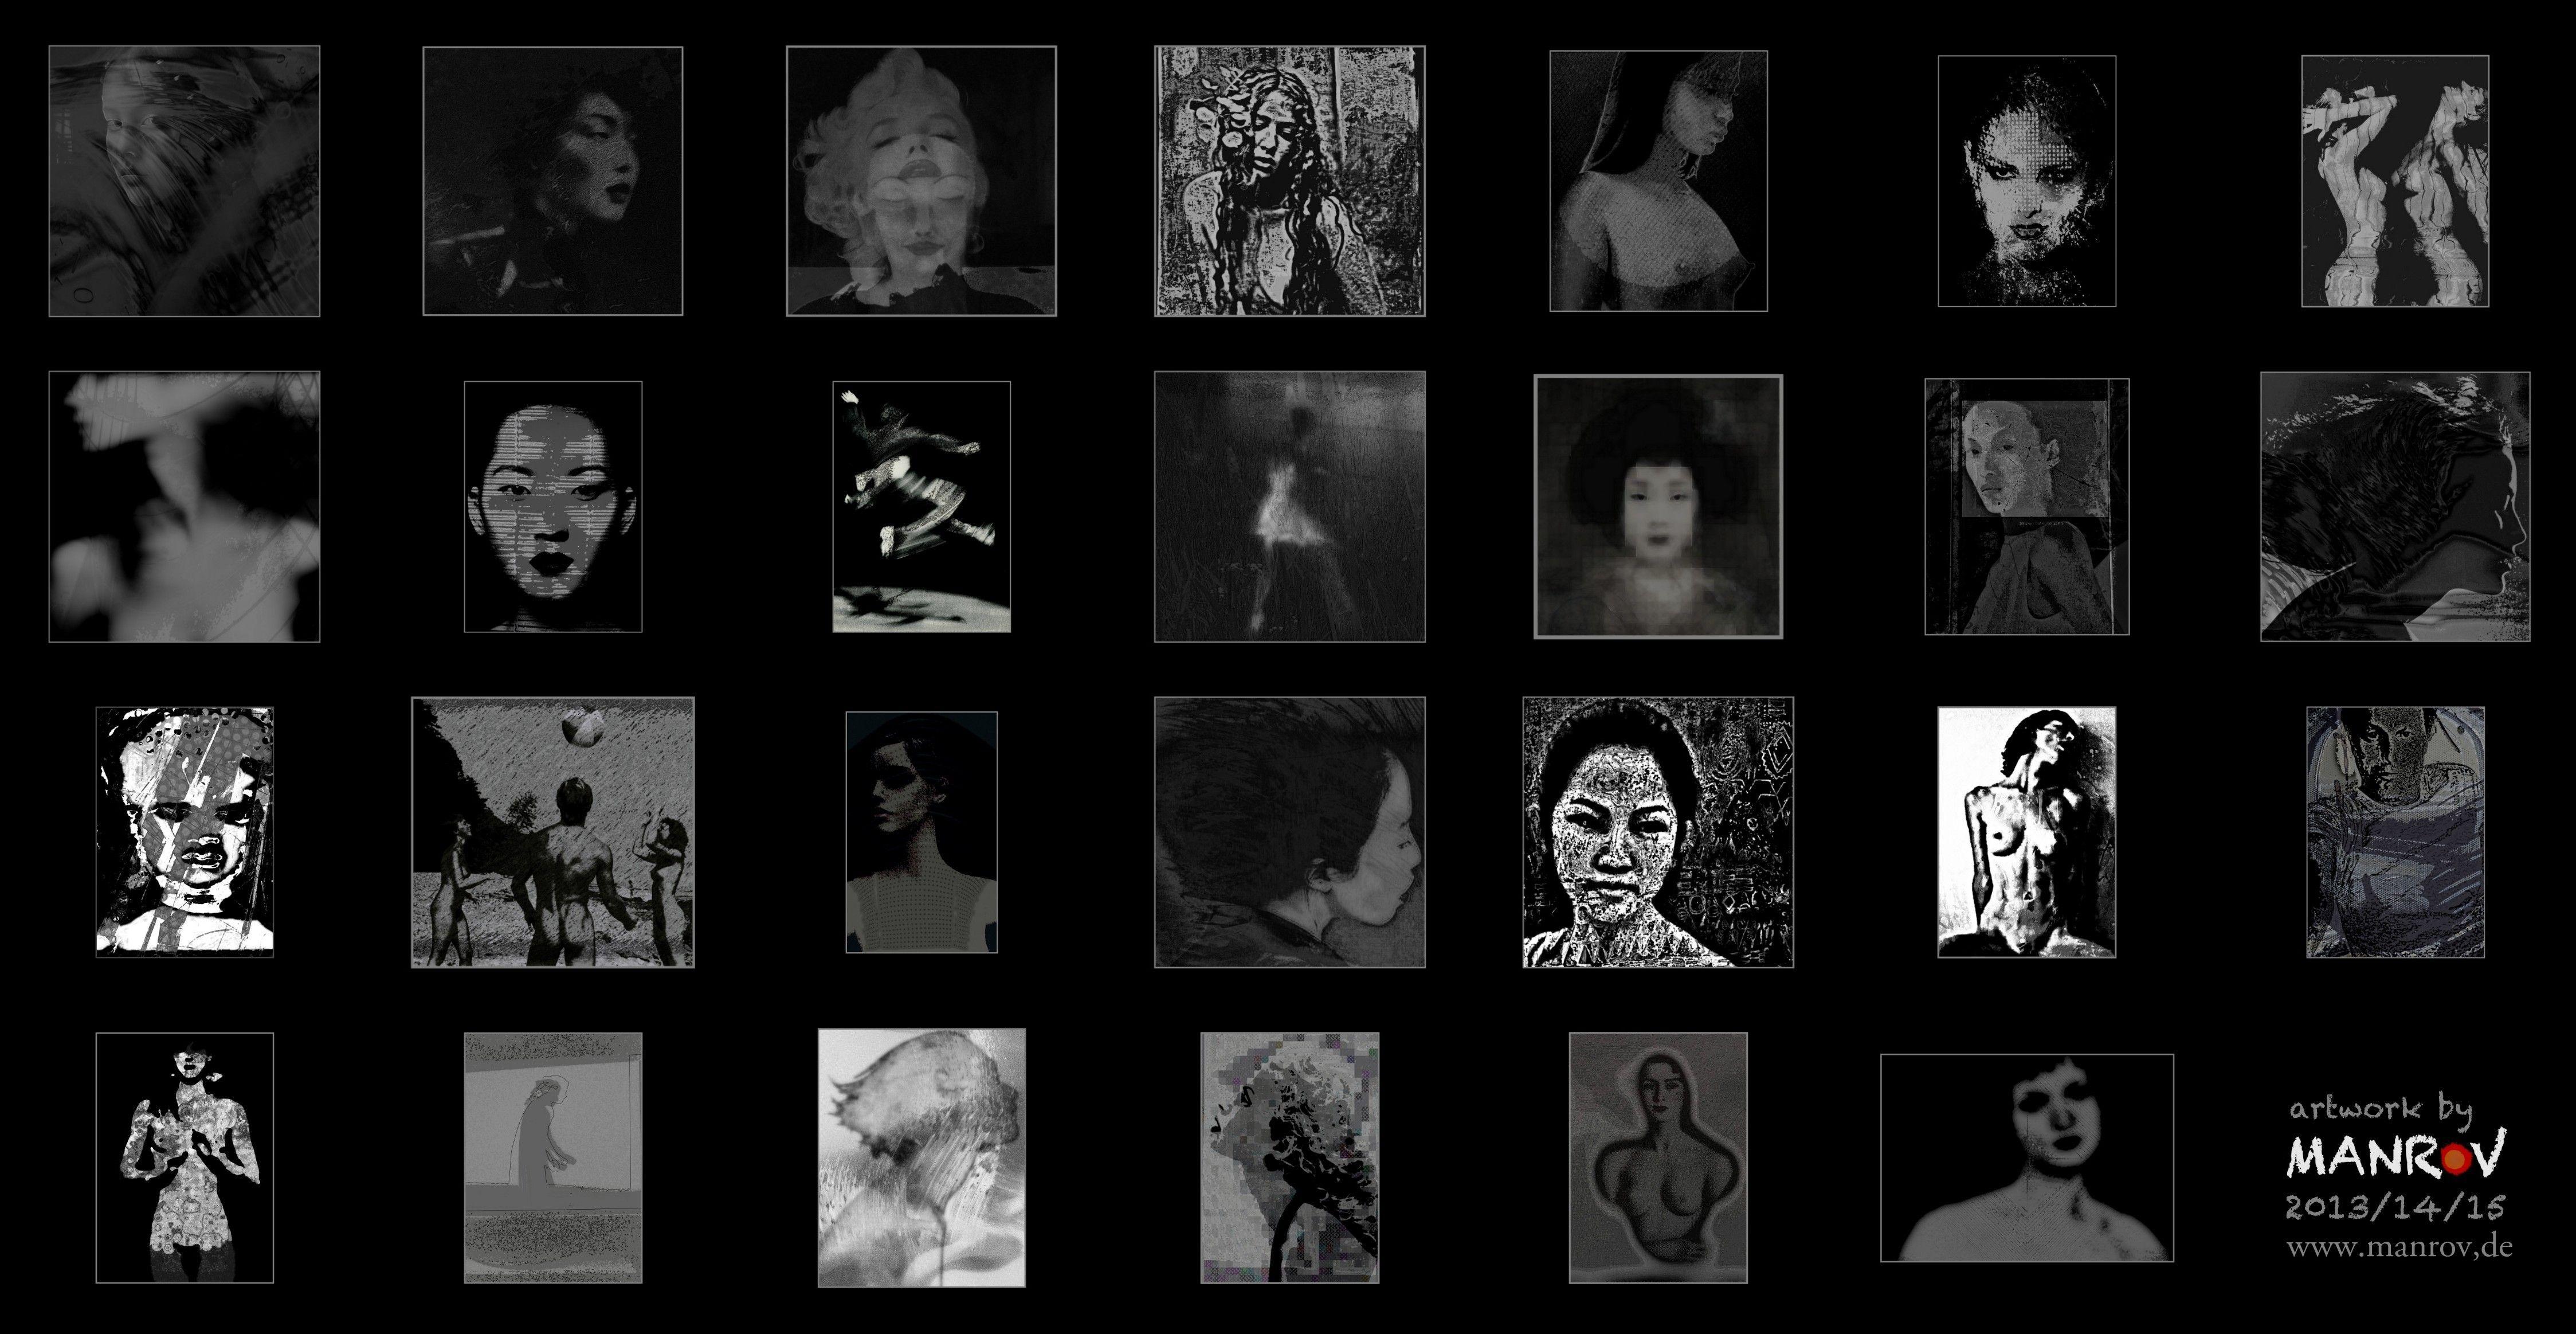 black & white photowork by MAN ROV 2015